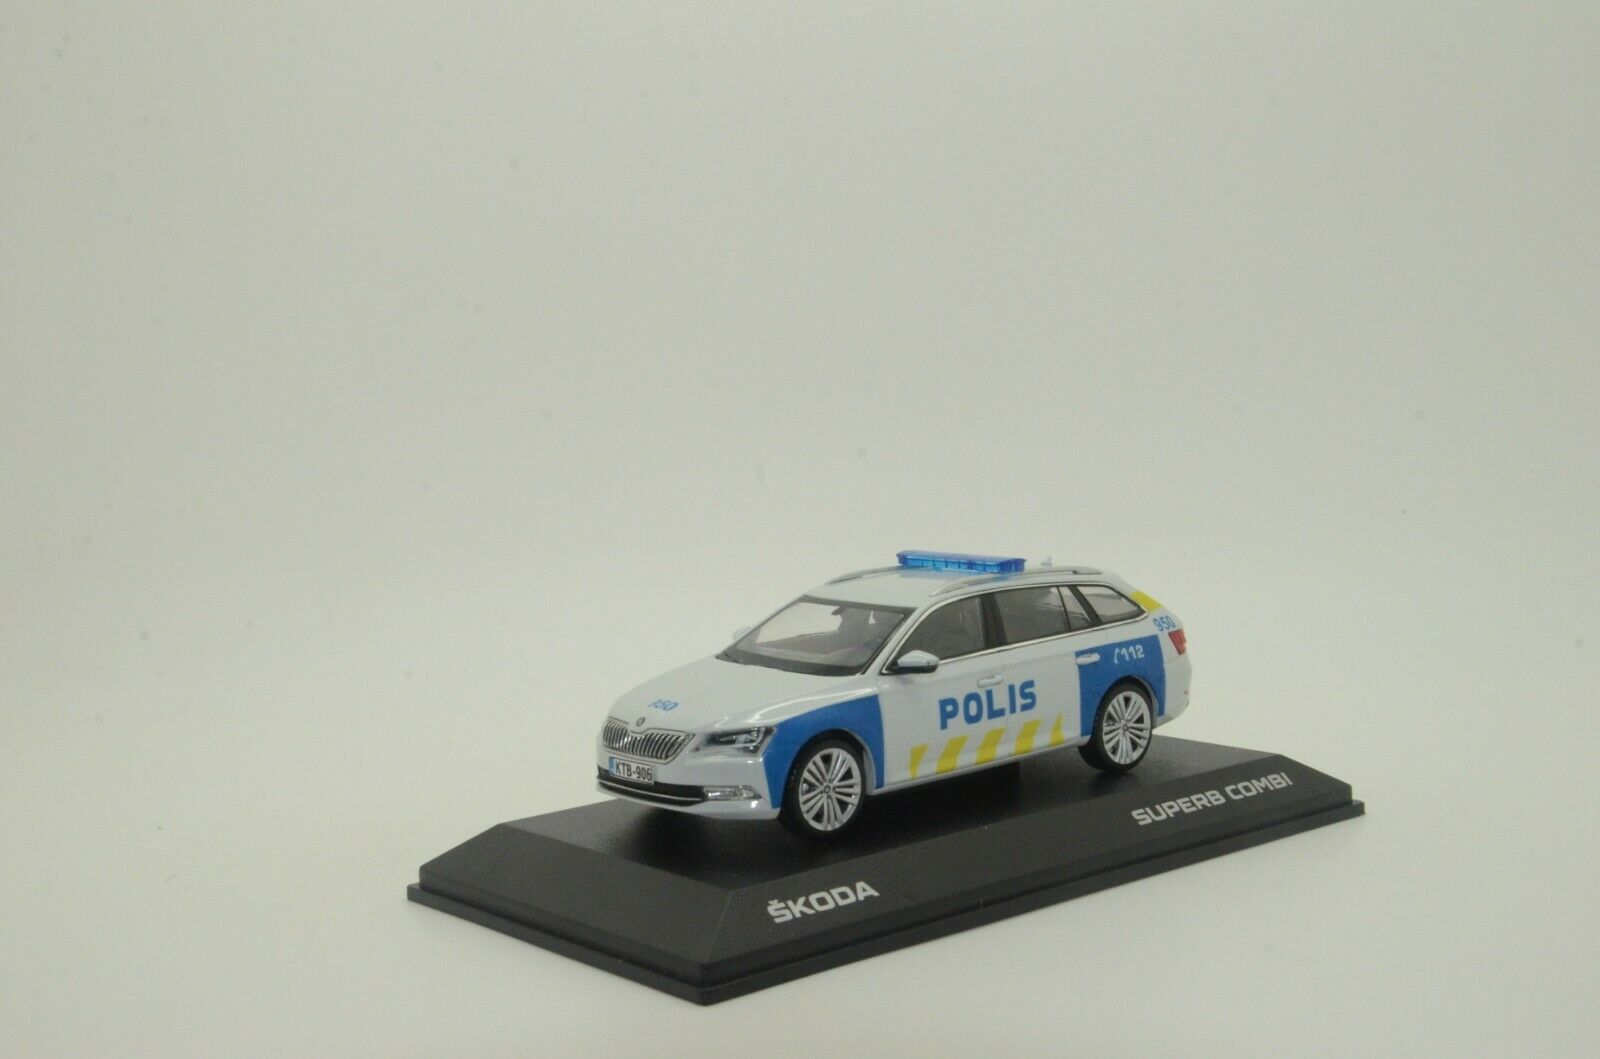 rara    nuevo Skoda súperb Combi Finlandia polis policía Hecho a Medida 1 43